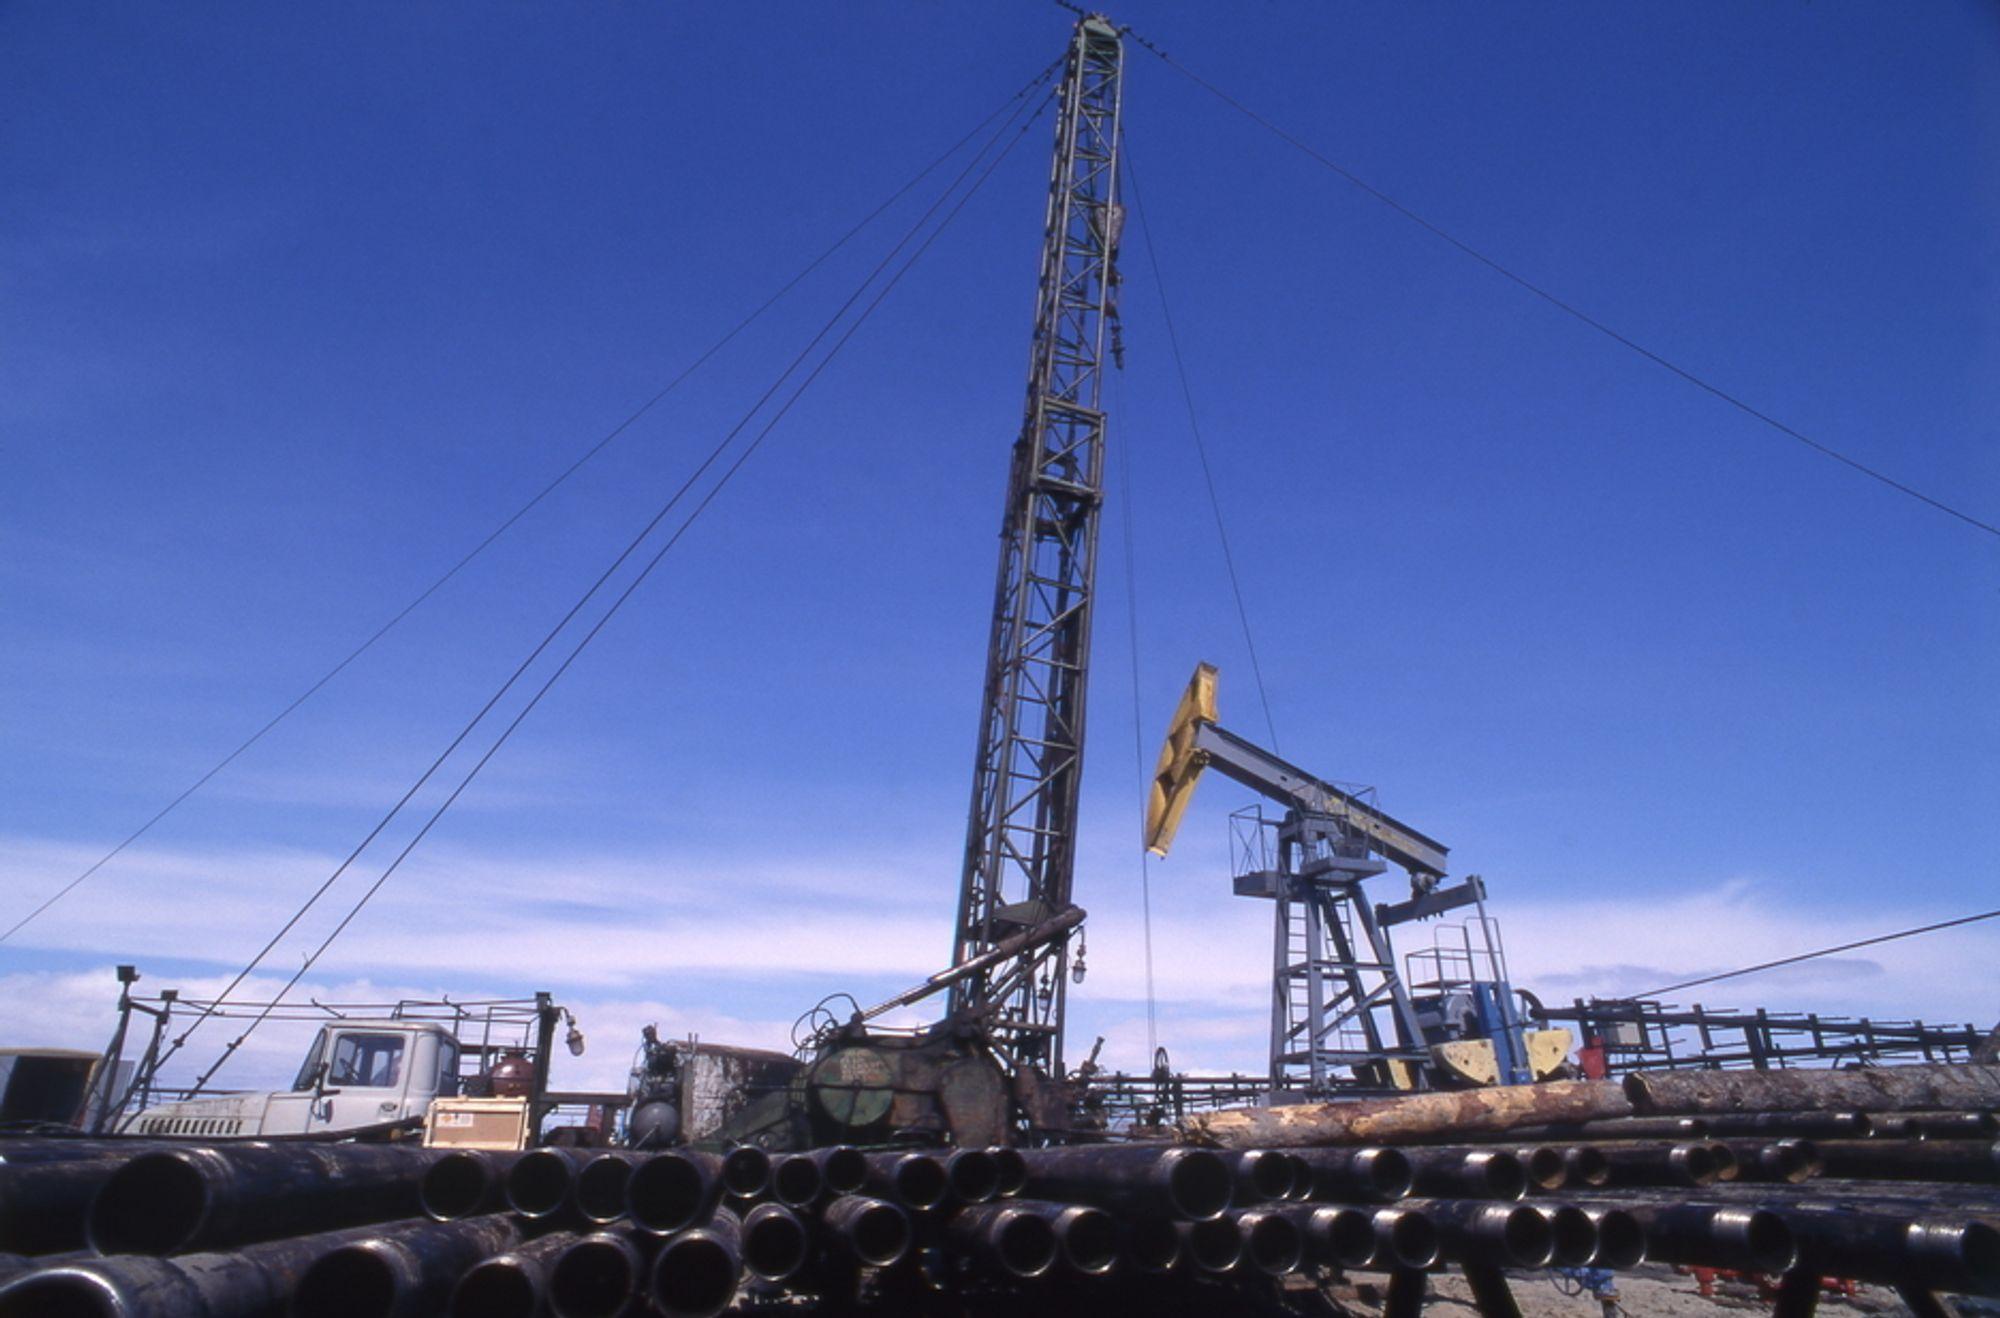 Investeringer i oljeindustrien kan bli mindre attraktivt ettersom mer og mer fokus rettes mot andre energiformer.